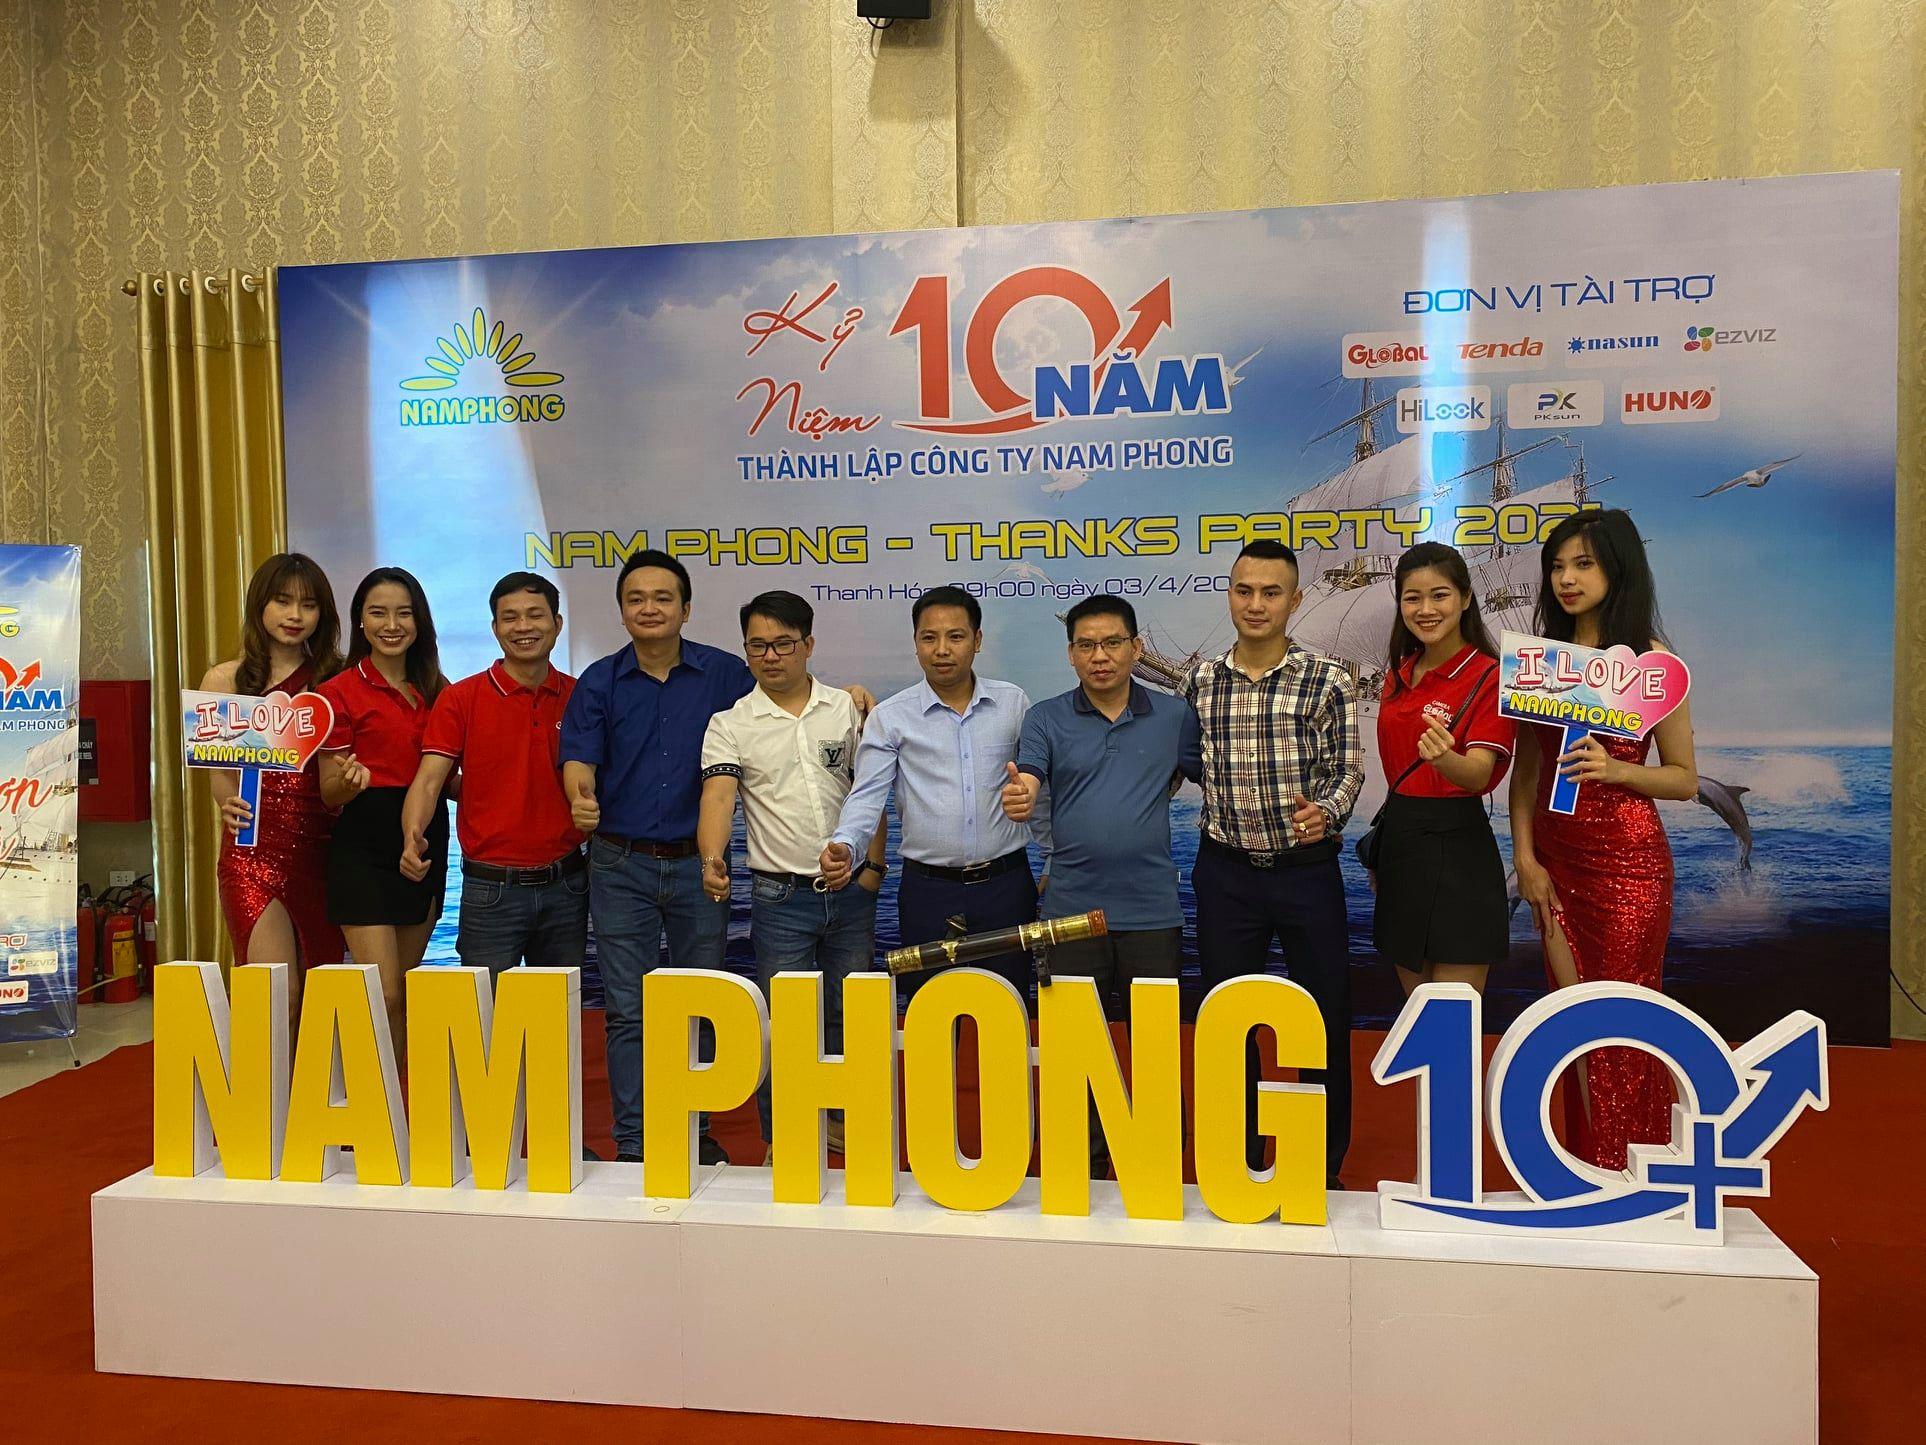 Hình ảnh các ông lớn của ngàng CCTV - các NPP thân thiết của Global từ các khu vực cùng tham gia buổi lễ chúc mừng Nam Phong